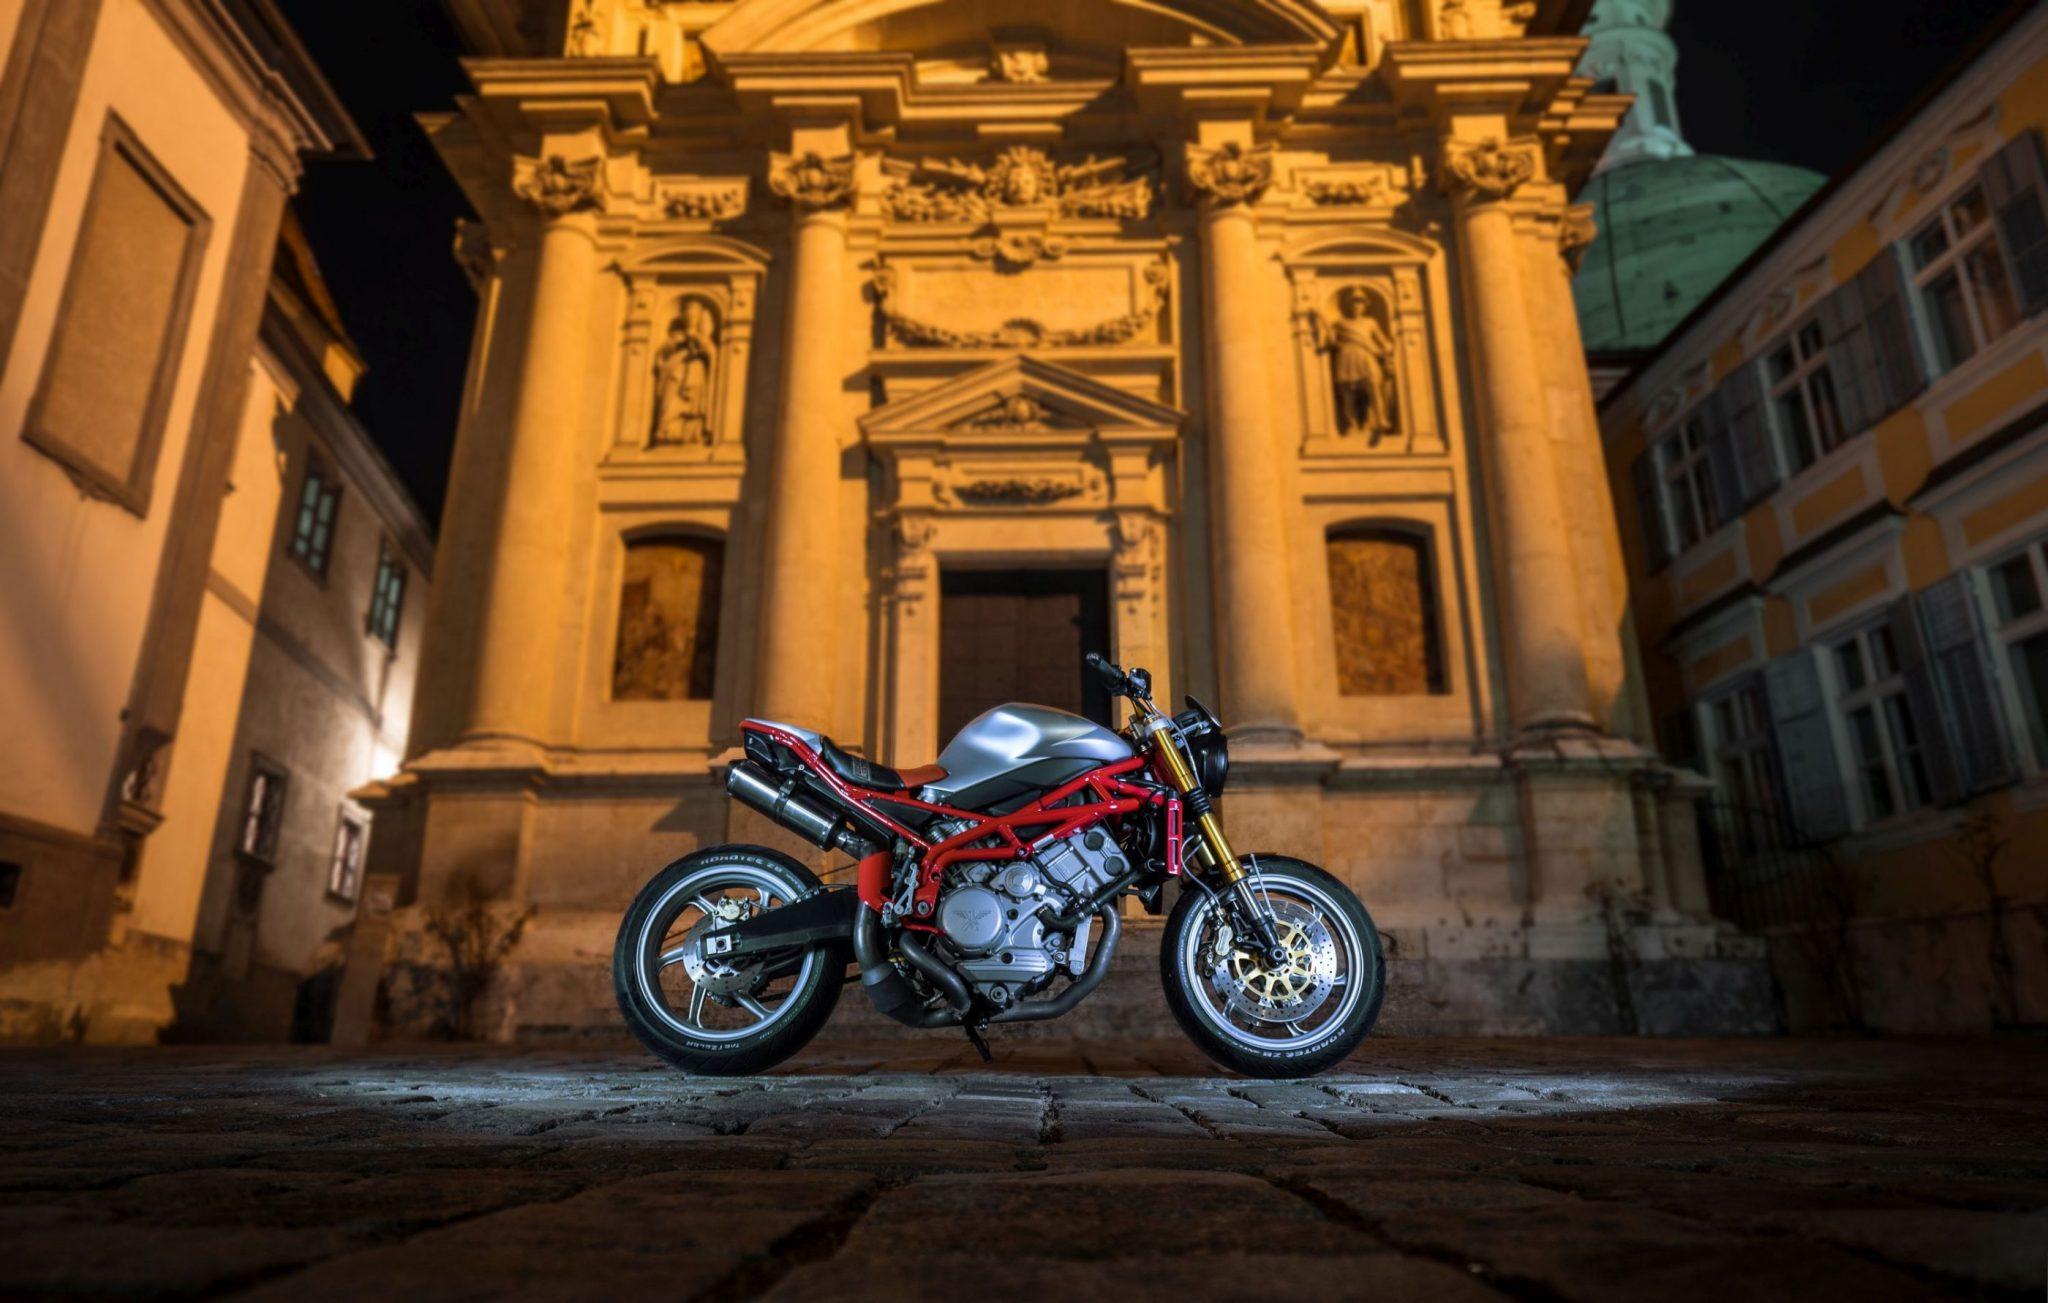 https://titan-motorcycles.com/wp-content/uploads/corsaro05.jpg